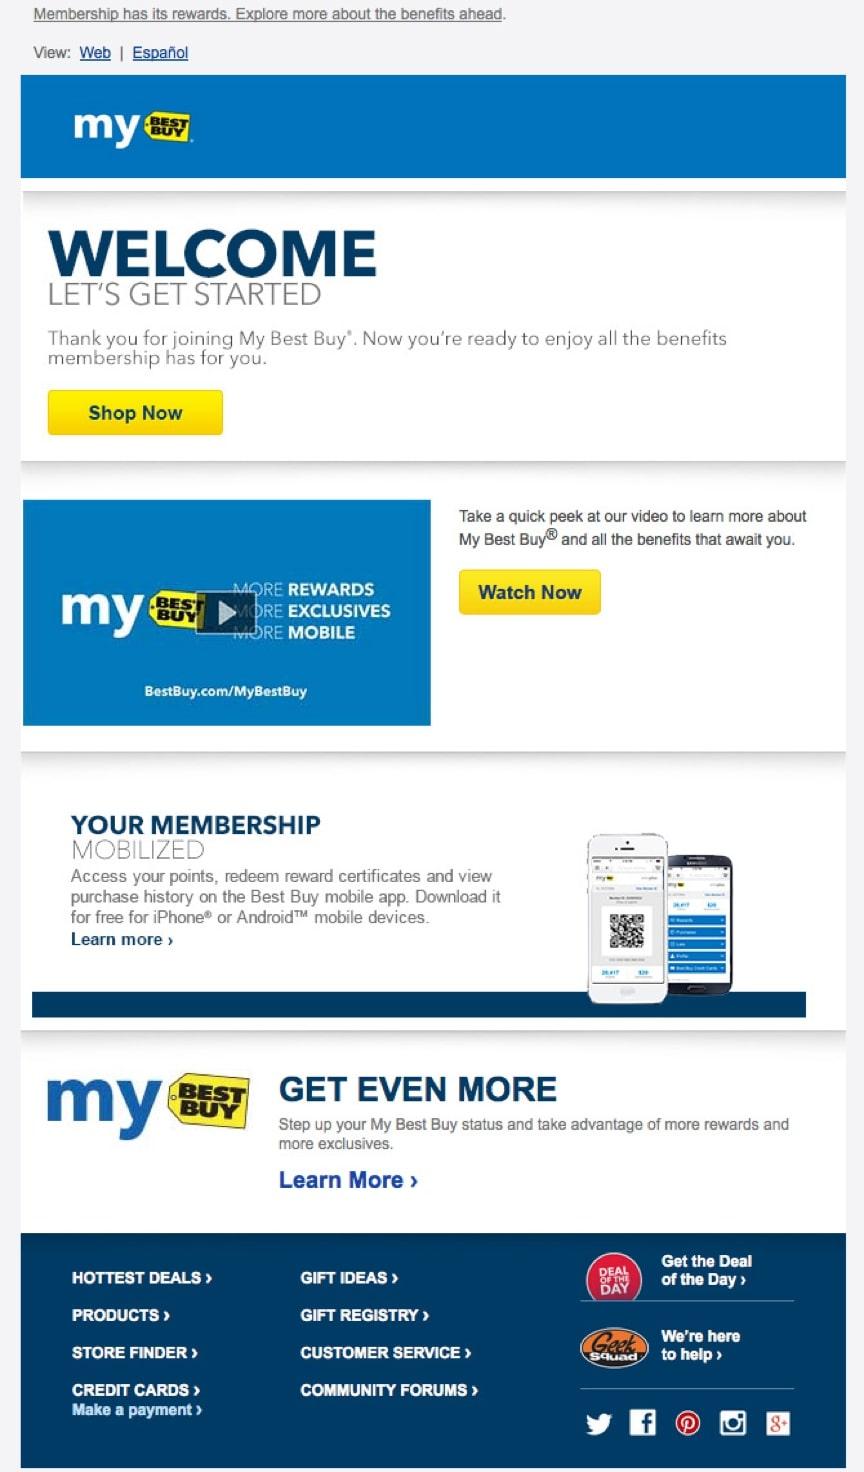 Email Address Confirmation/Registration Emails